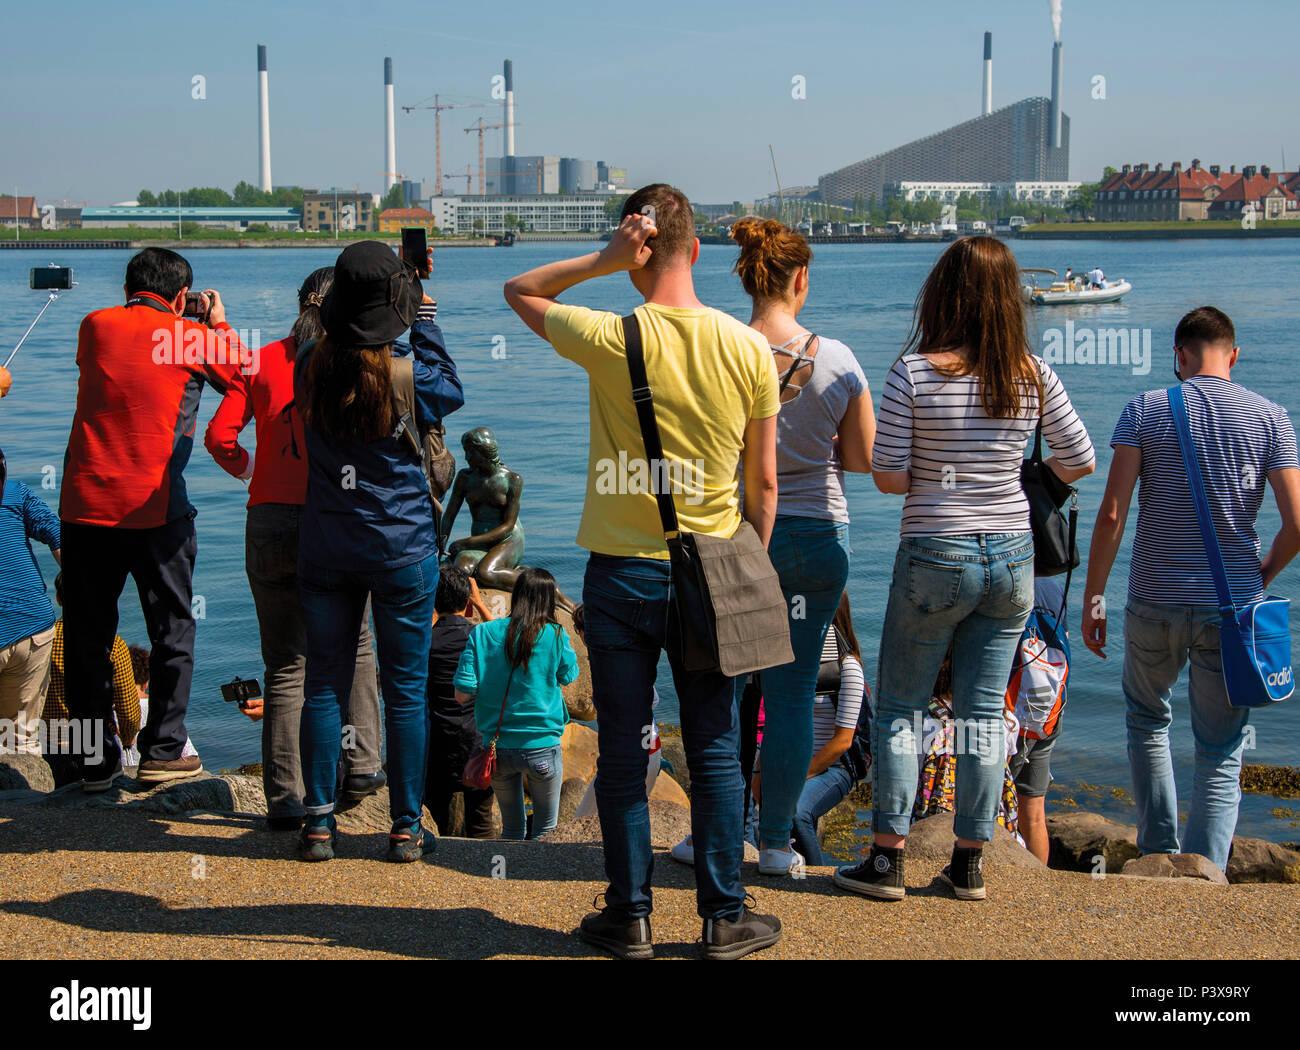 Bemused crowds, Little Mermaid Copenhagen, Denmark - Stock Image